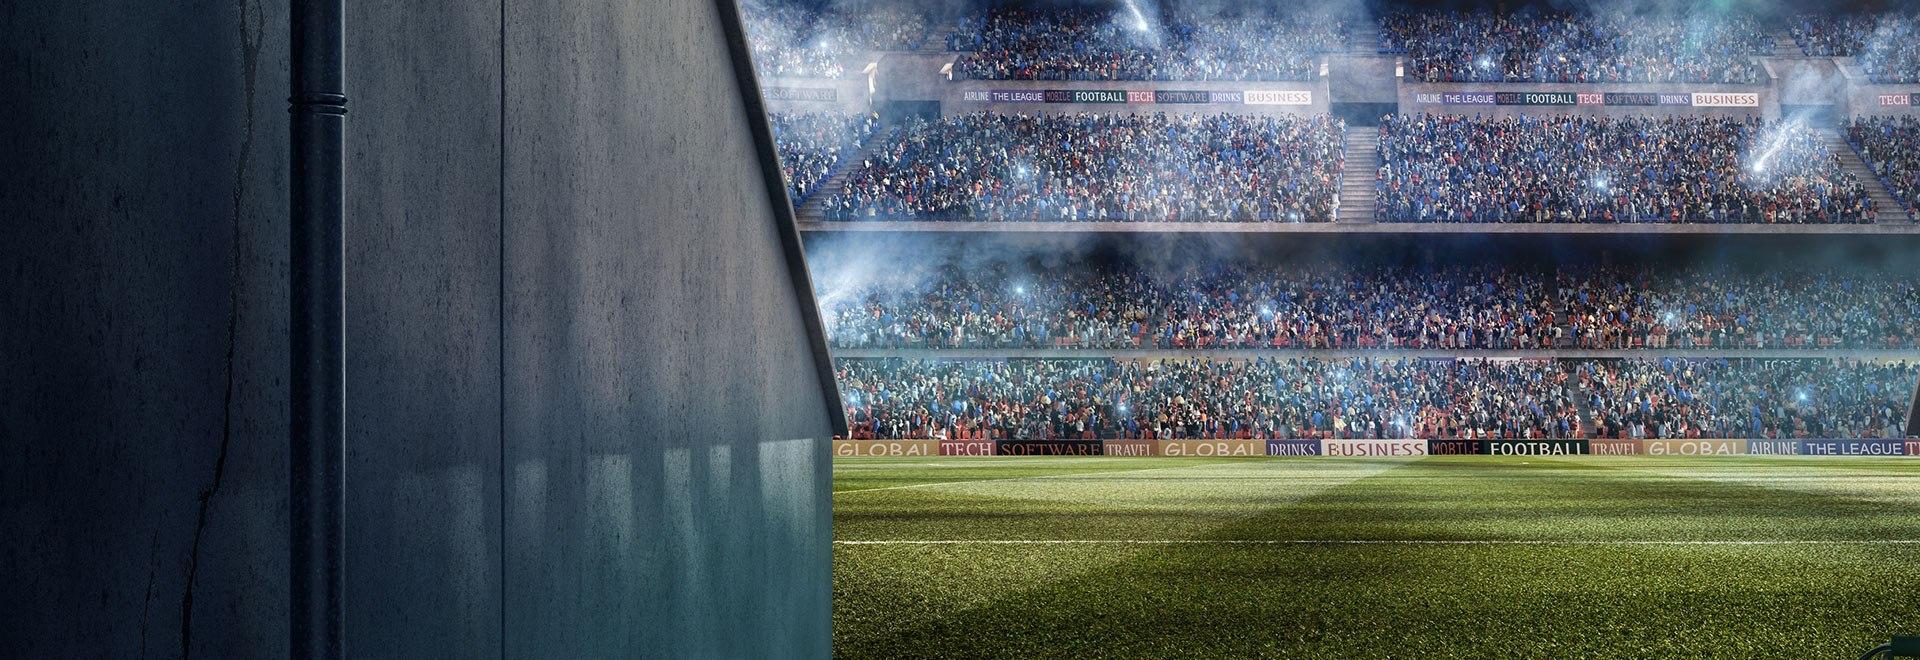 Juventus U23 - Pontedera. 35a g.